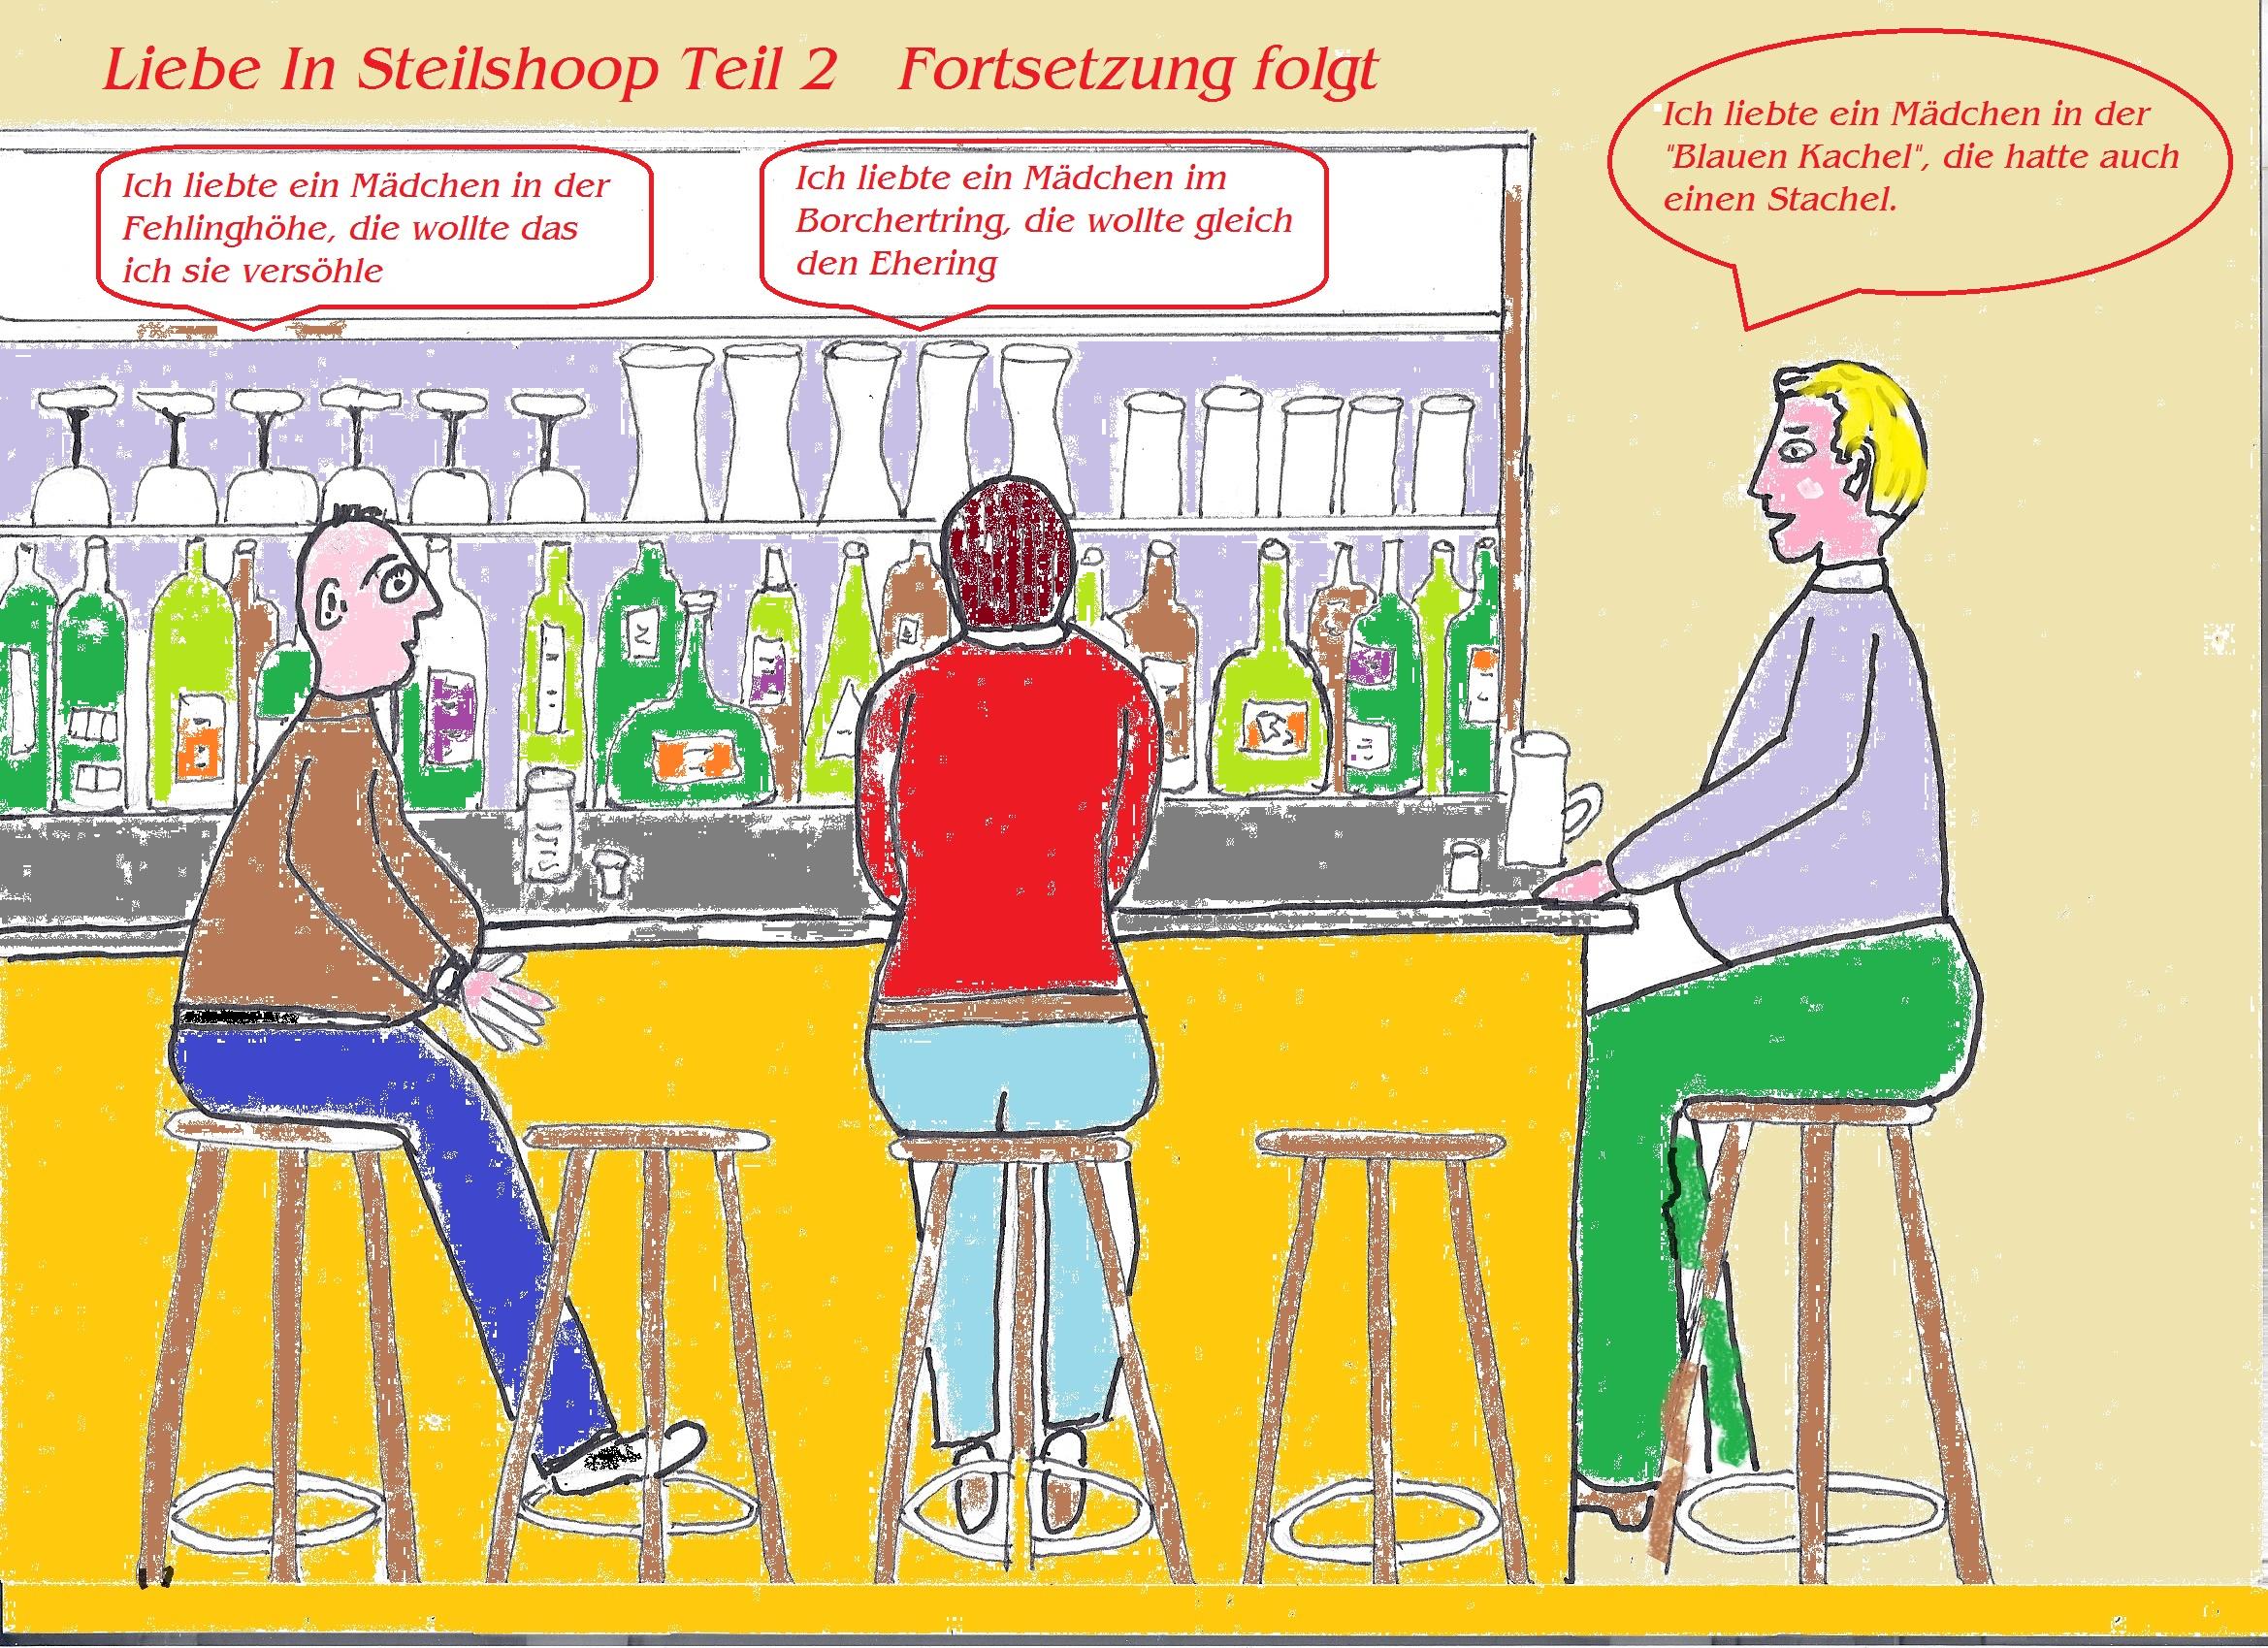 Liebe-in-Steishoop-Teil-2